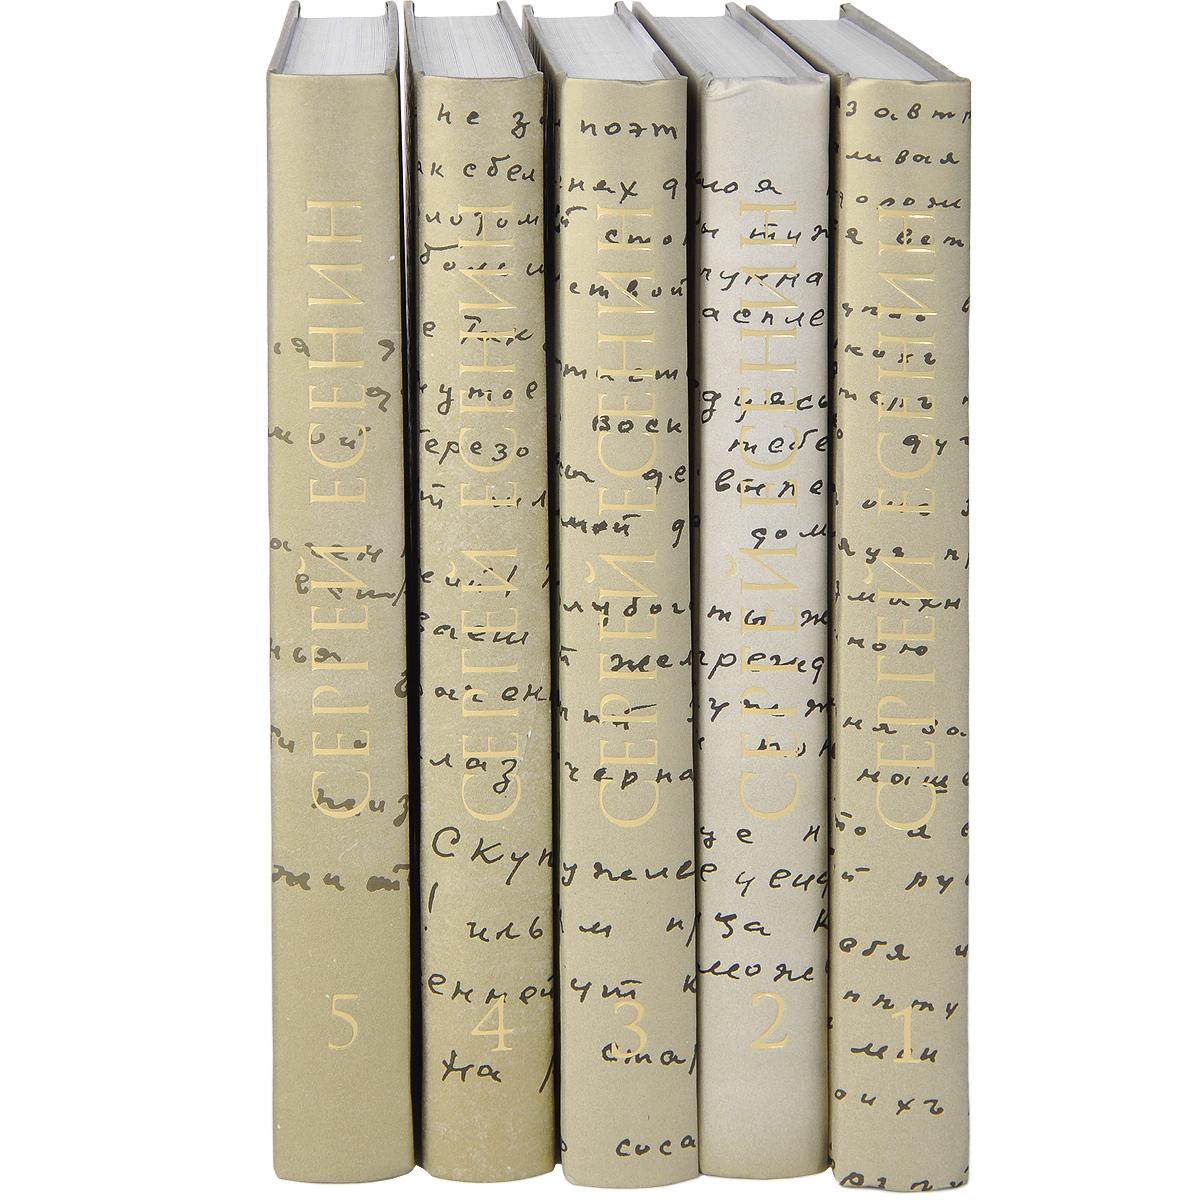 Сергей Есенин. Собрание сочинений. В 5 томах (комплект из 5 книг)